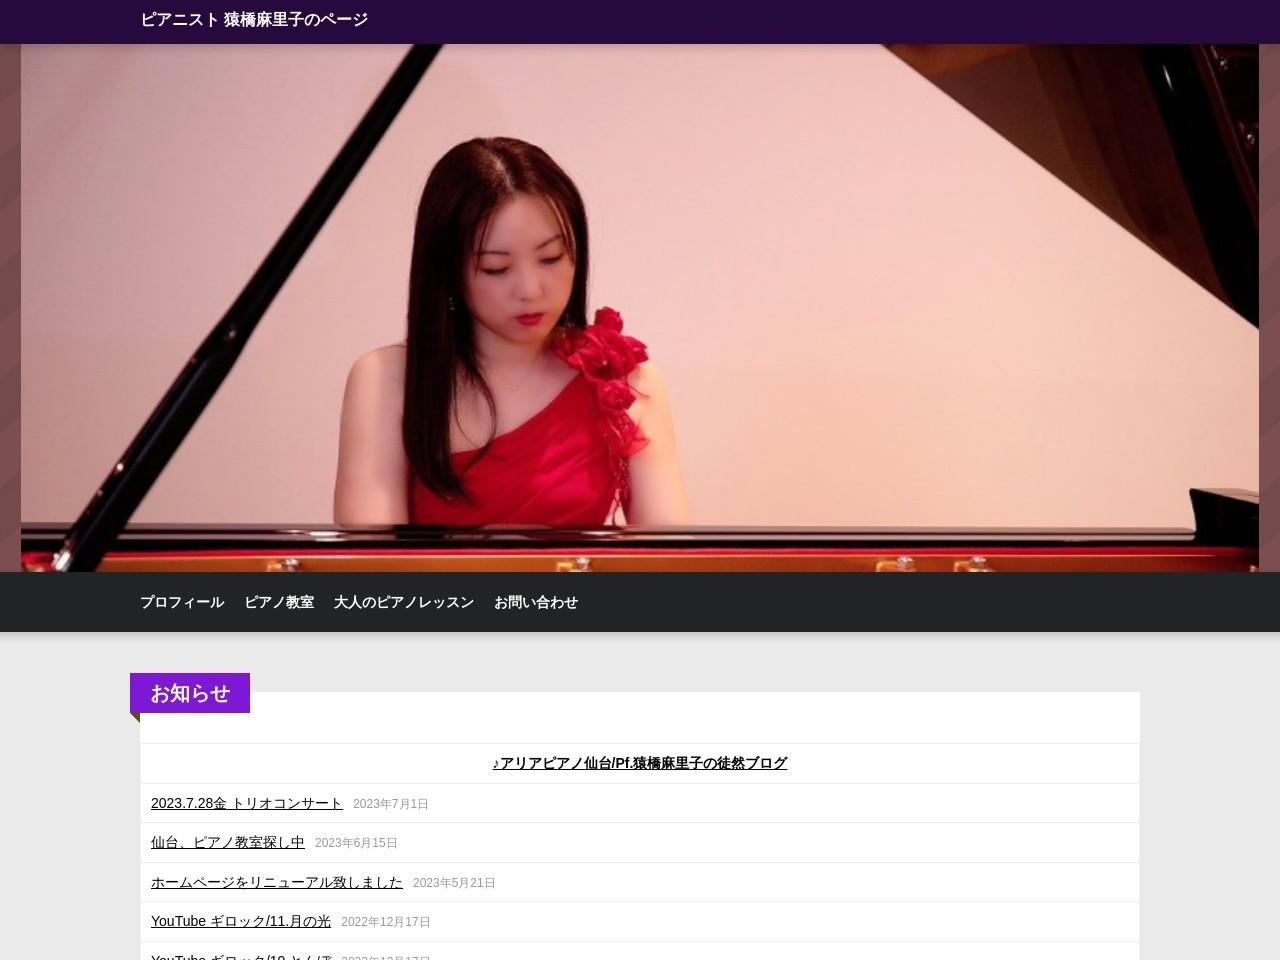 アリア-aria-ピアノ教室のサムネイル